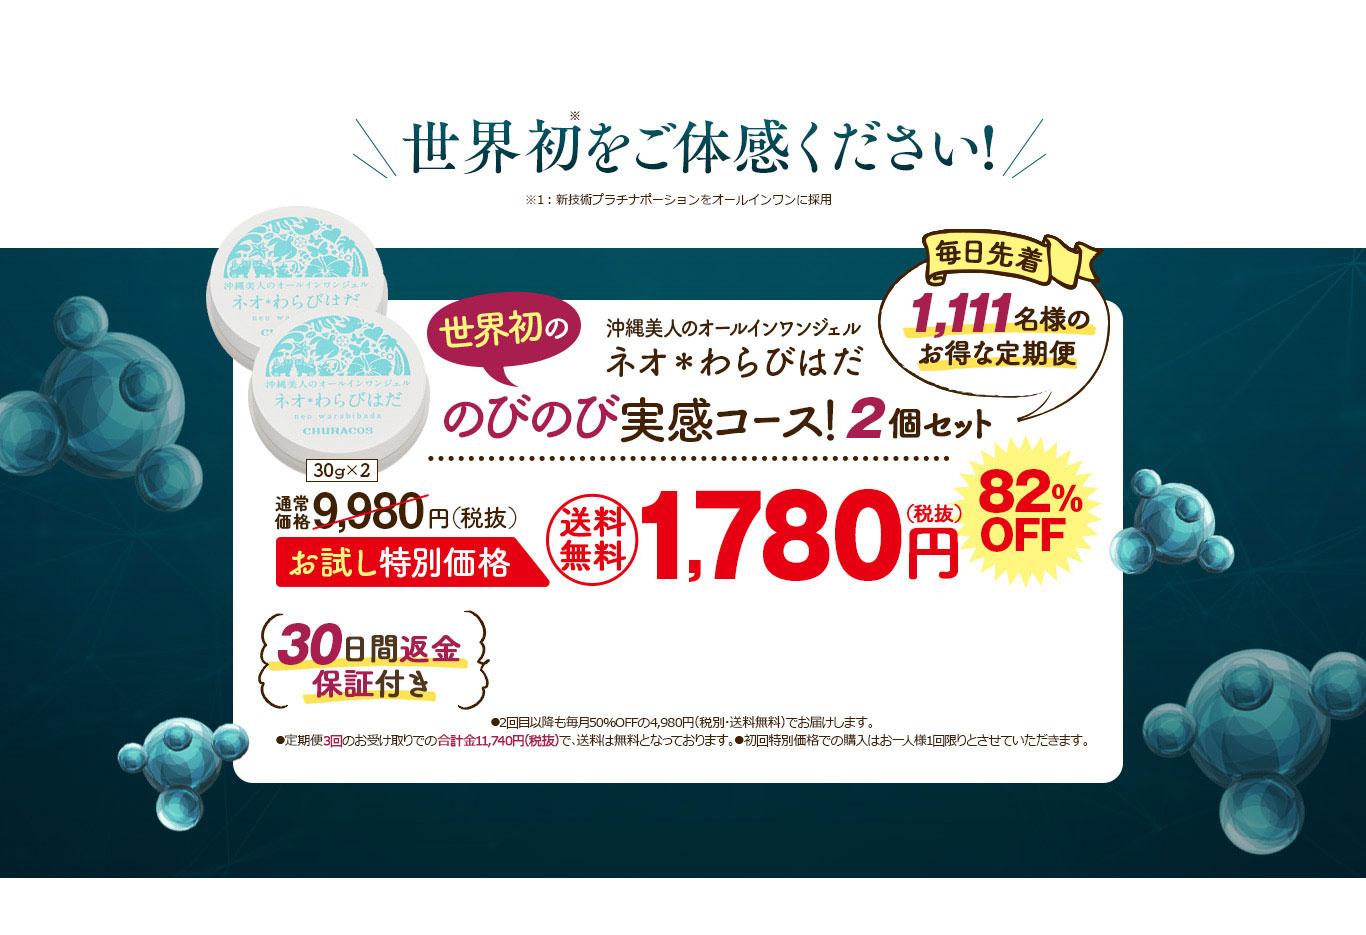 ネオ*わらびはだ 世界初のシワ伸び実感コース! 82%OFF 1,780円(税抜) 送料無料 30日間返金保証付き